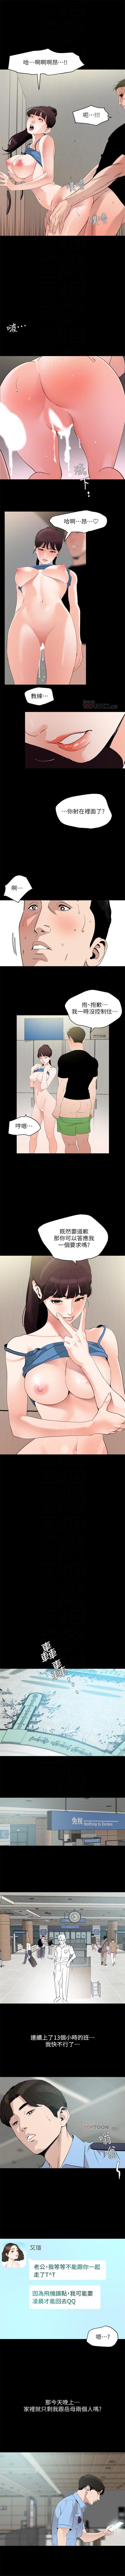 與岳母同屋 1-16 官方中文(連載中) 72